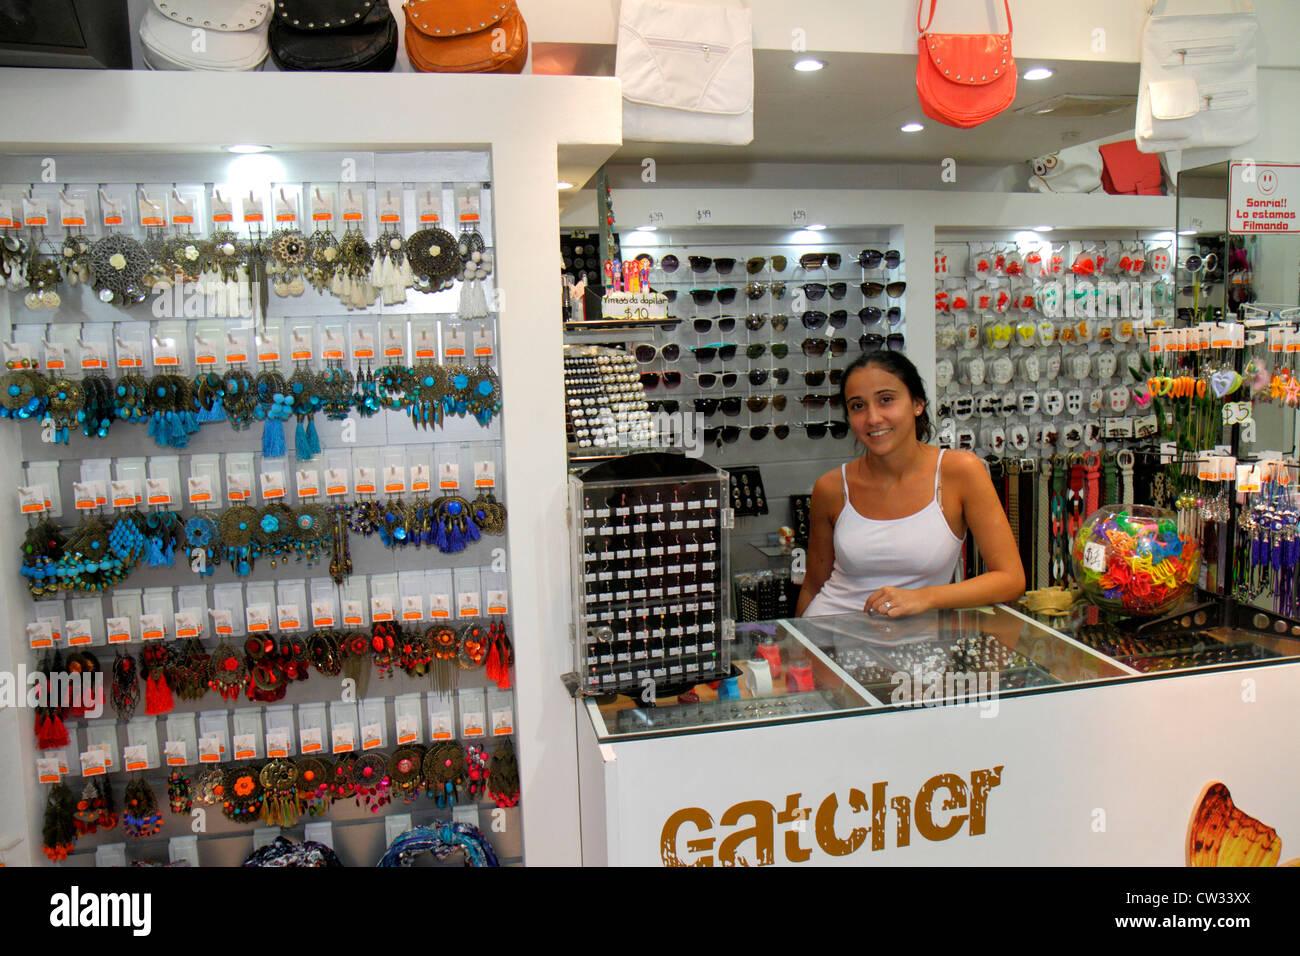 78df8497739a Mendoza Argentina Avenida San Martín tienda bisutería empresarial contra la  mujer bolsos accesorios aretes sunglas